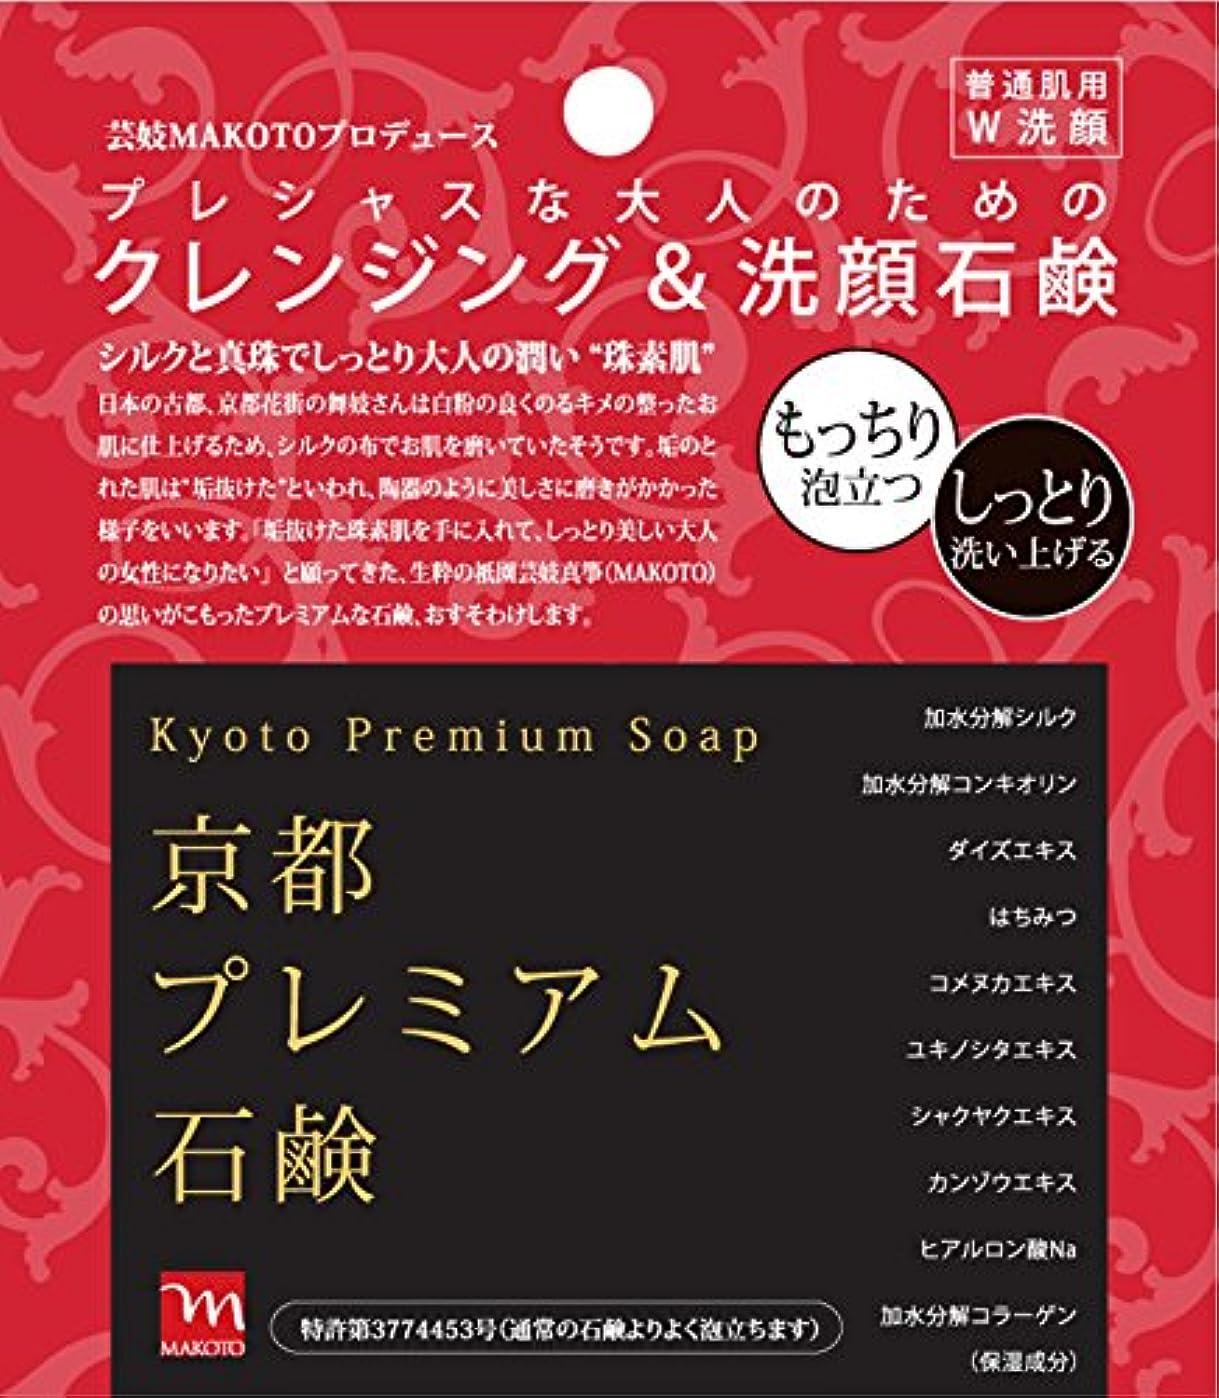 語排泄する発火する京都プレミアム石鹸 クレンジング&洗顔石鹸 しっとり もっちり 芸妓さん監修